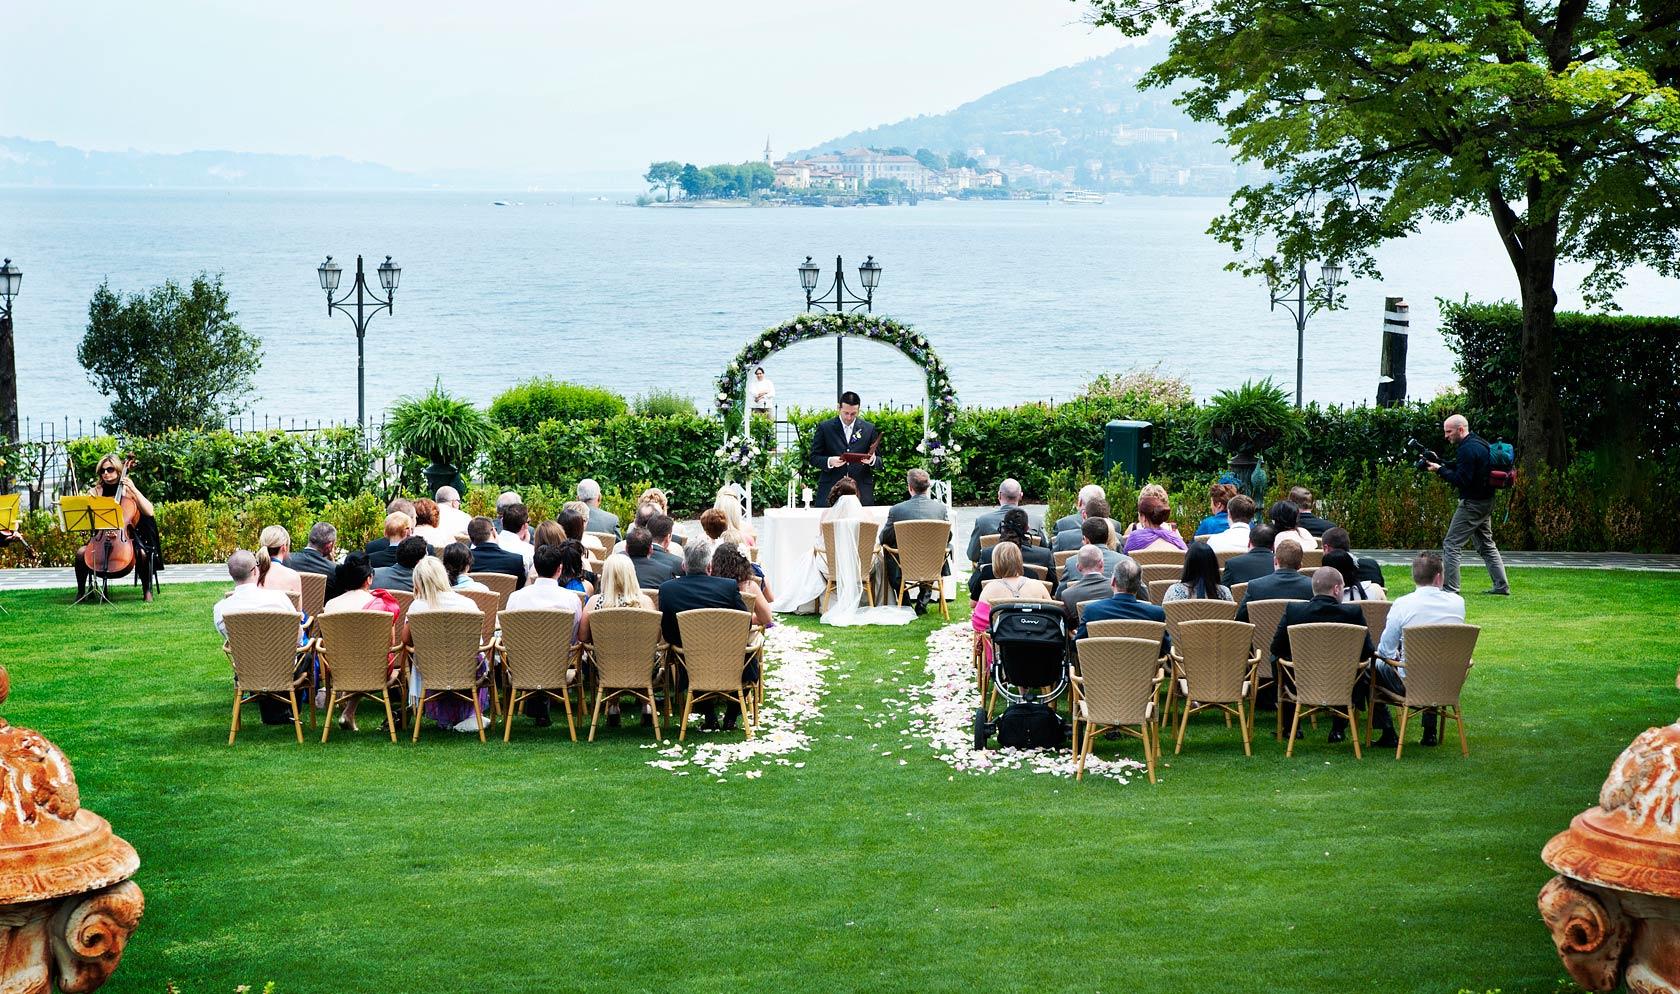 Symbolic ceremony in italy symbolic ceremonies in italy buycottarizona